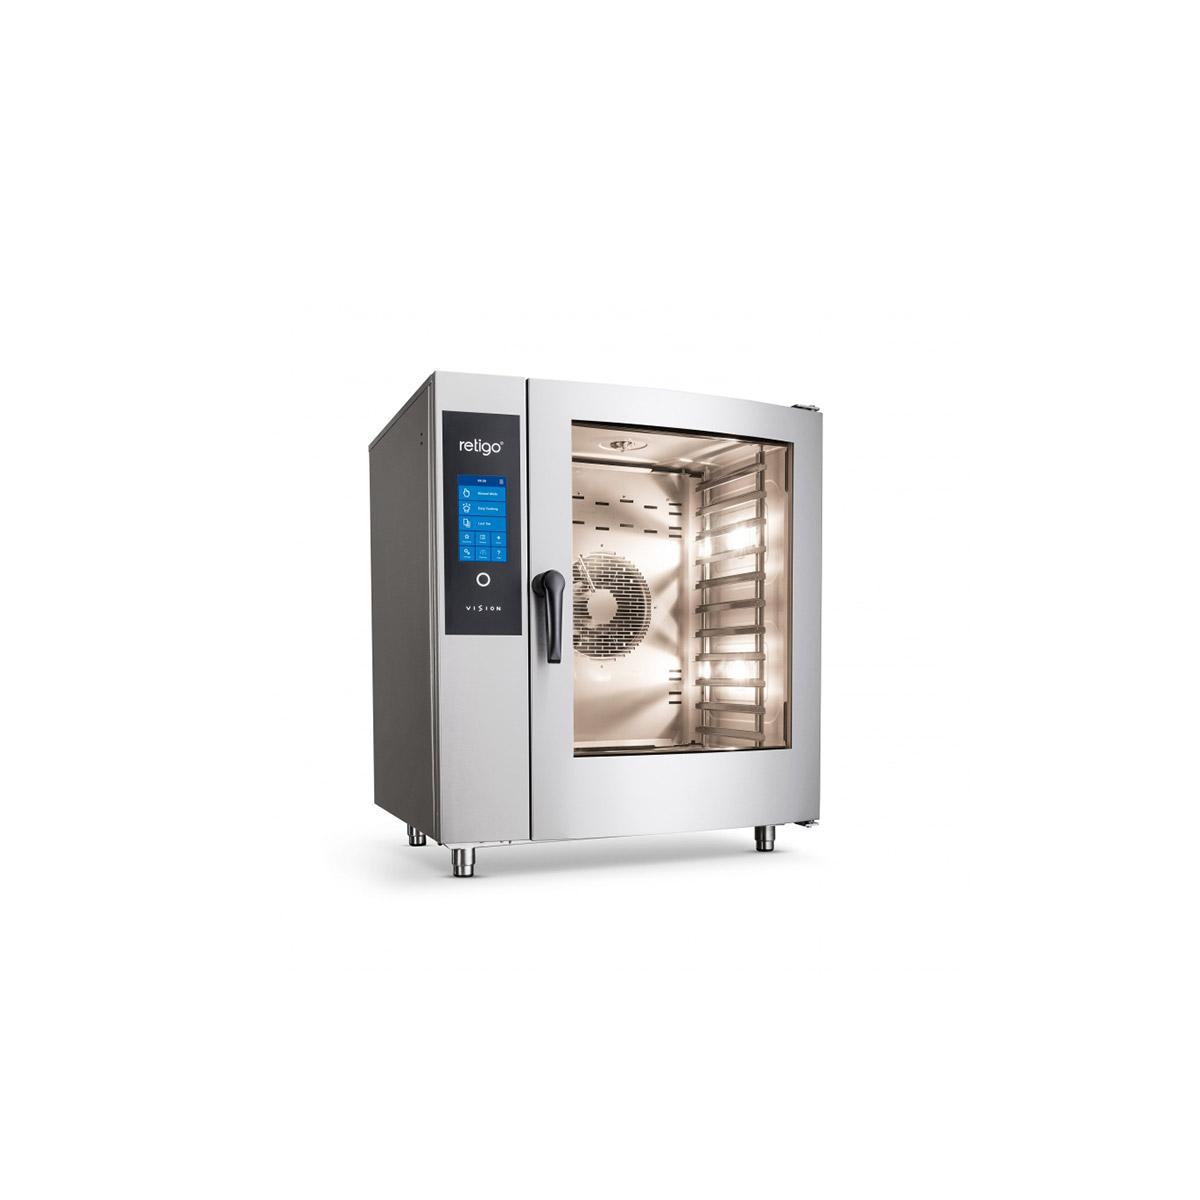 Retigo Blue Vision 10x Grid Combination Oven B1011 ig